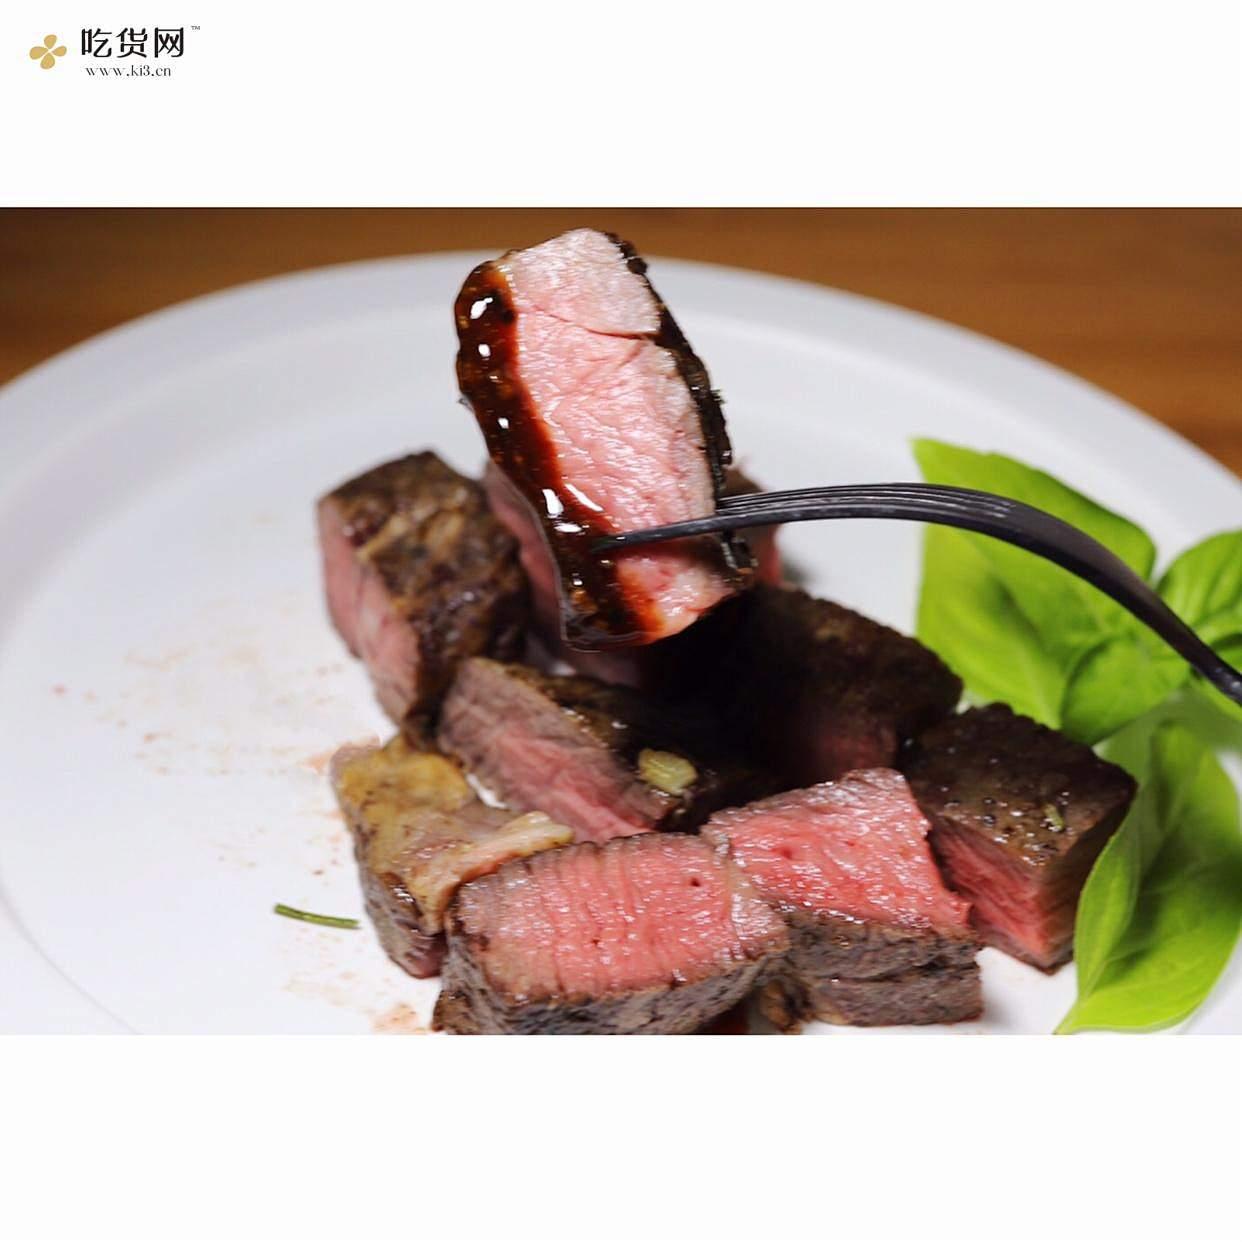 烤肉眼牛排【外焦里嫩】的做法 步骤14